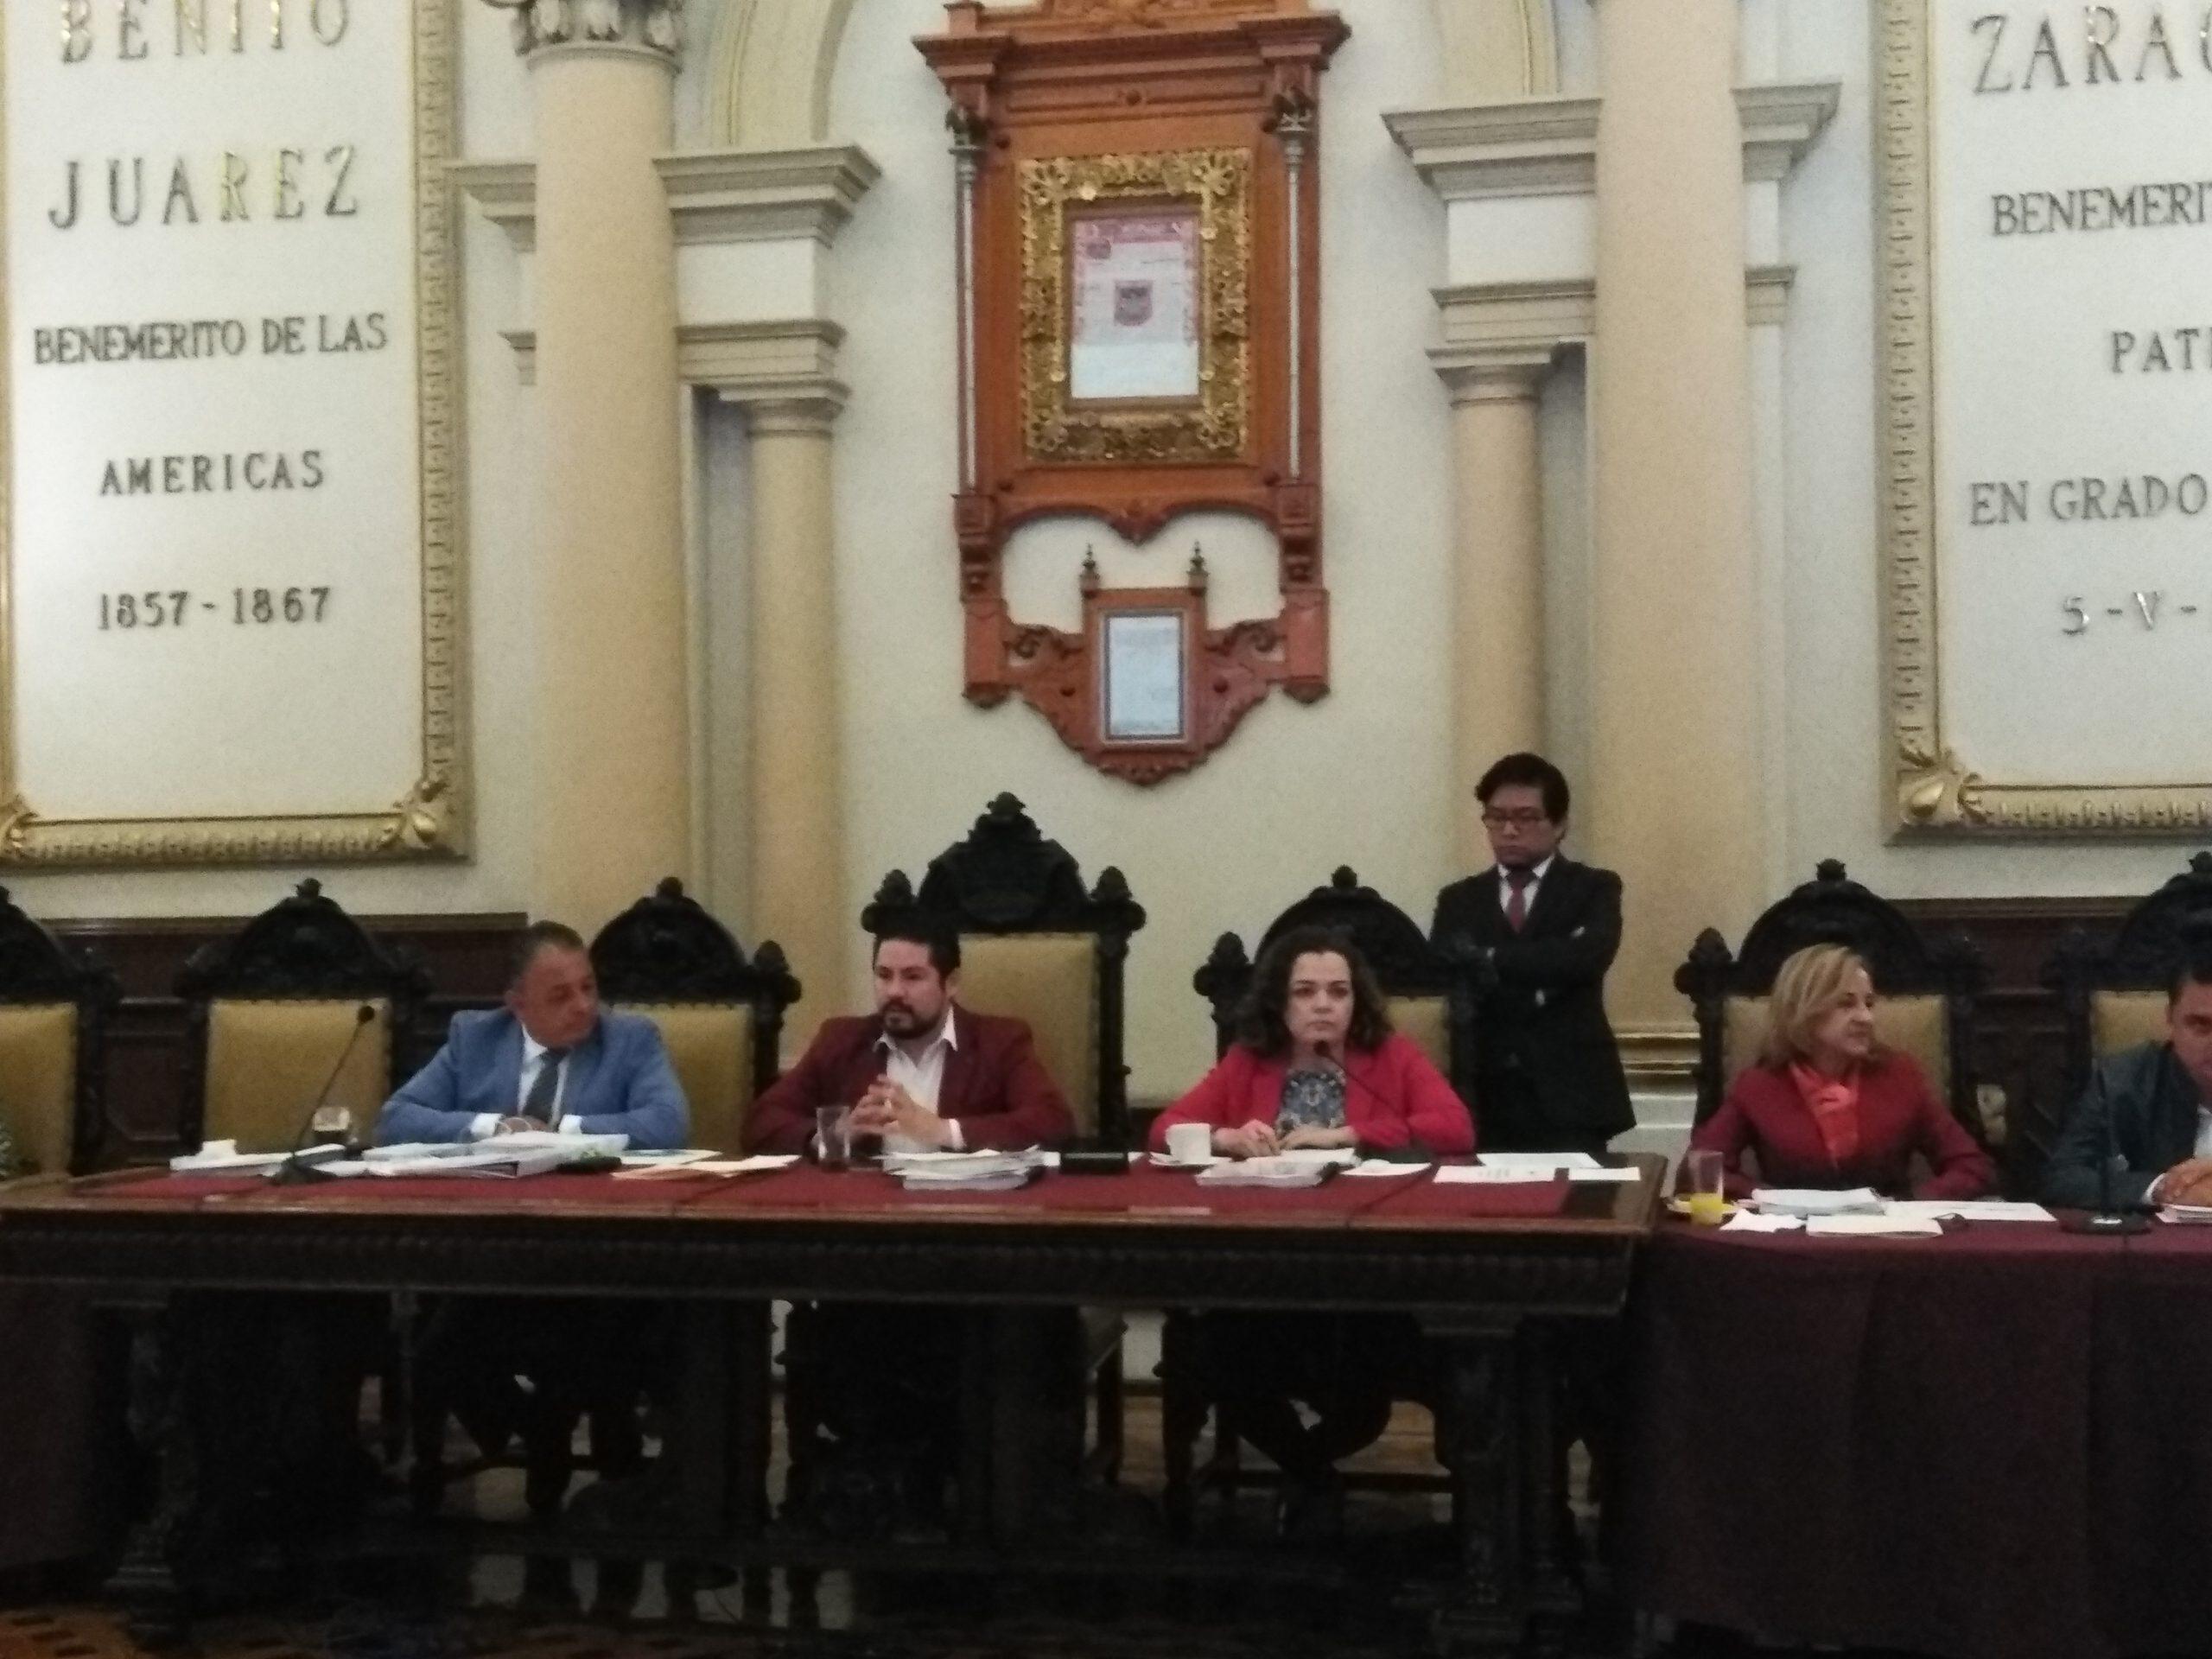 AYUNTAMIENTO ESTABLECE NUEVAS MULTAS Y SANCIONES PARA REGULAR EL COMERCIO EN VÍA PÚBLICA